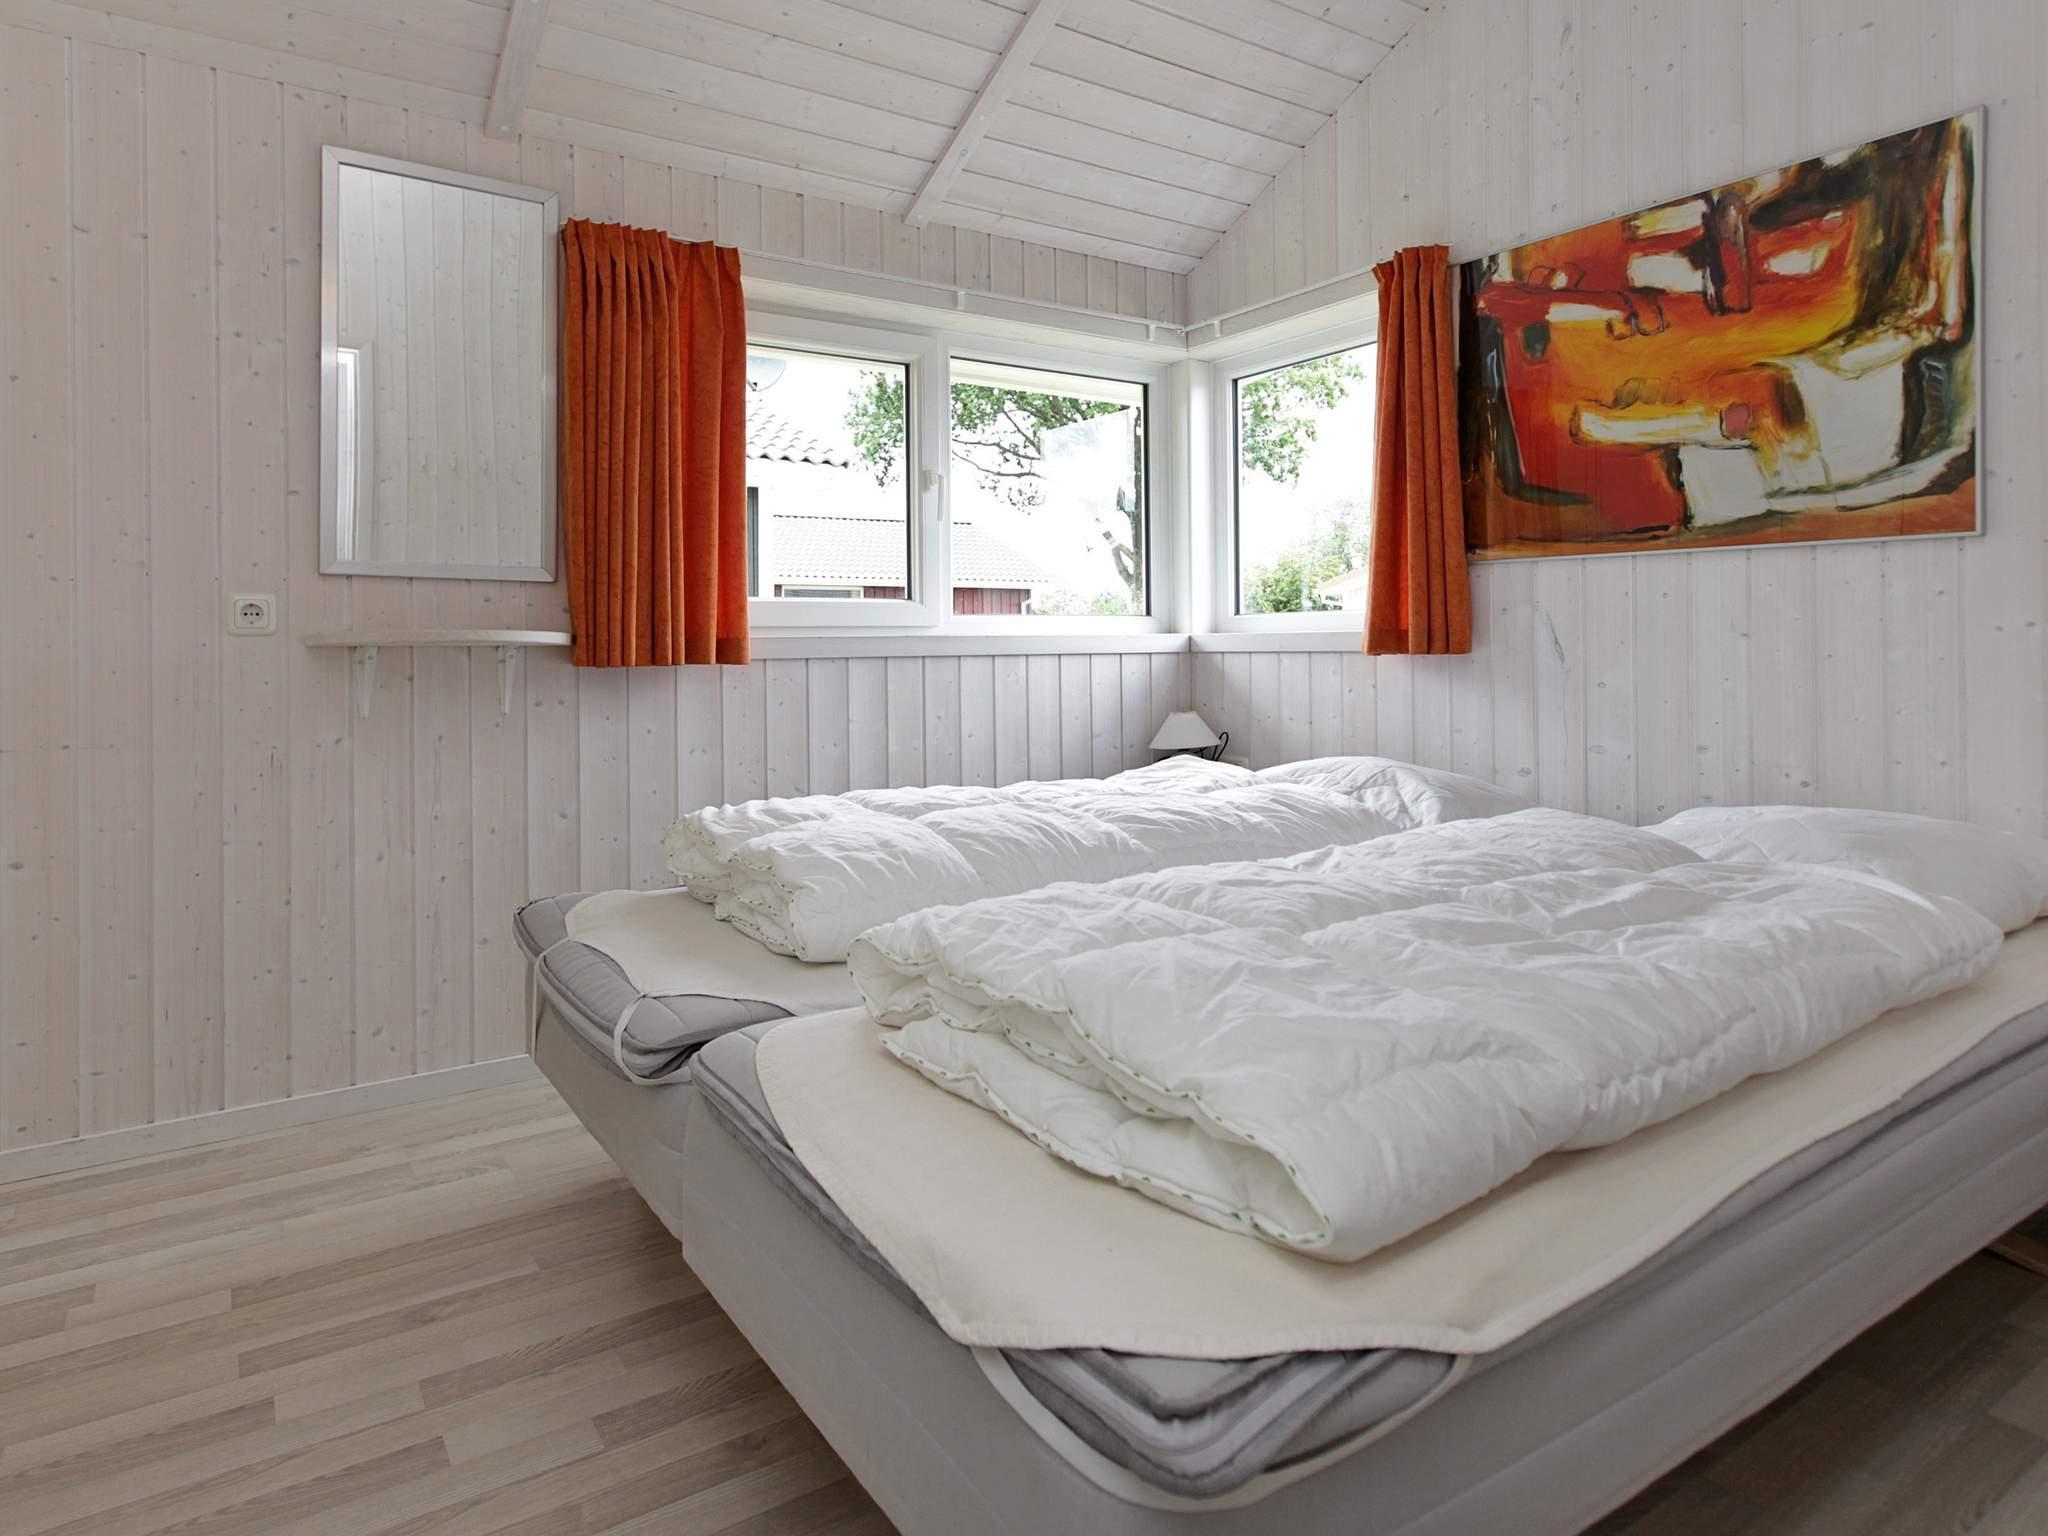 Maison de vacances Grömitz (456406), Grömitz, Baie de Lübeck, Schleswig-Holstein, Allemagne, image 7